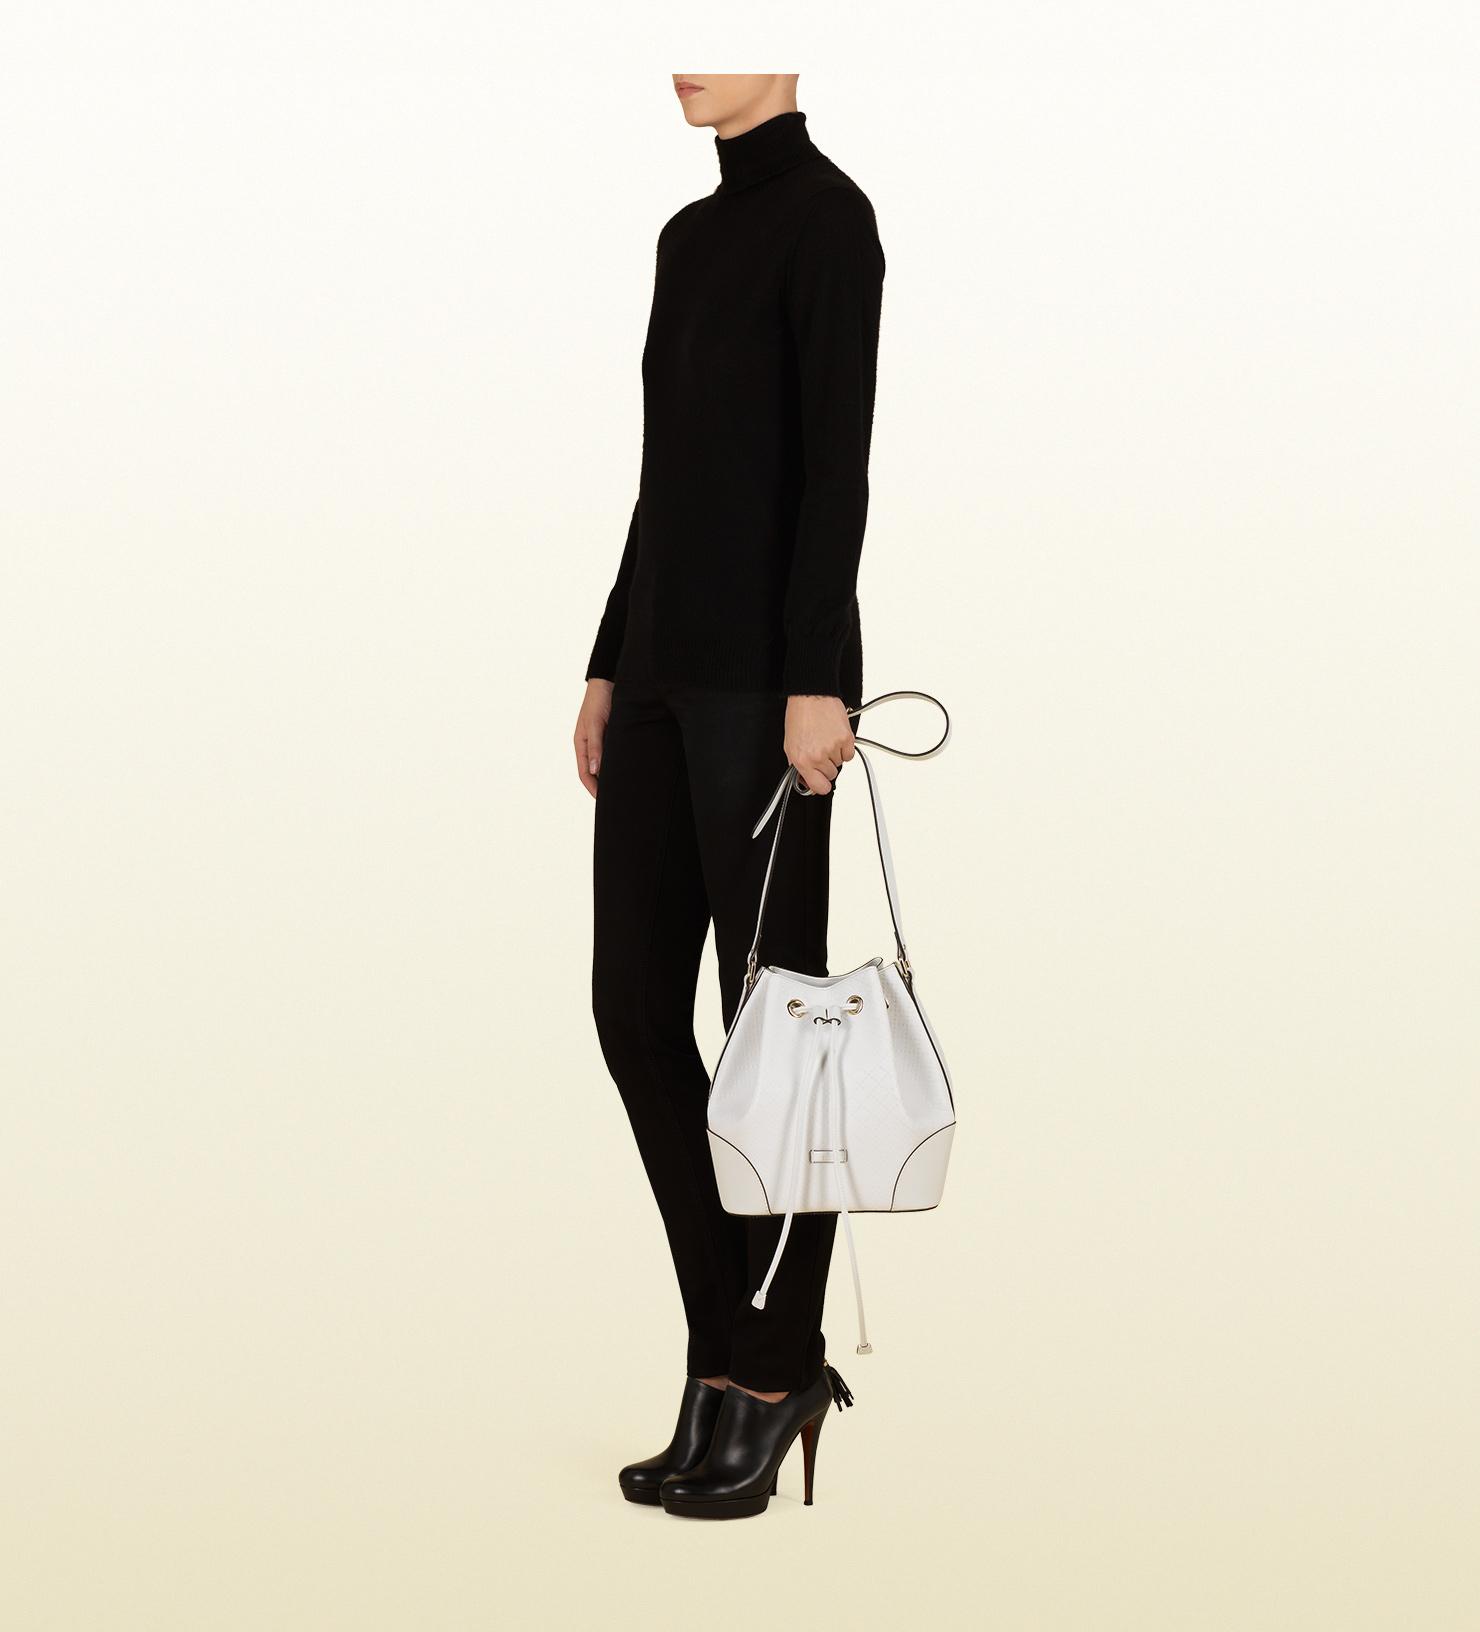 b9c90ea02898 Gucci Bright Diamante Leather Bucket Bag in White - Lyst